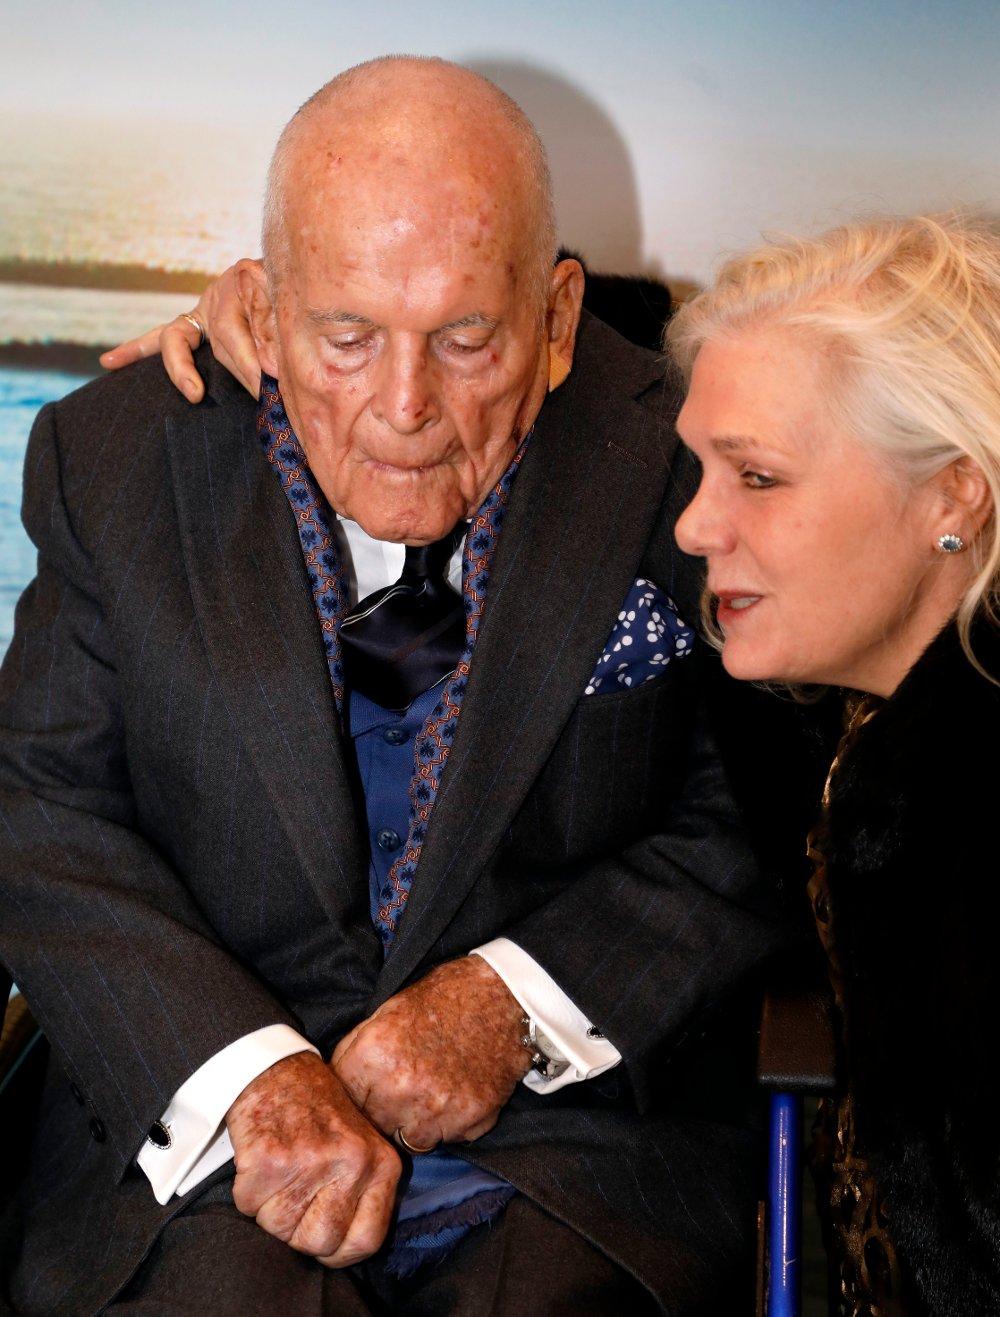 Klikk på bildet for å forstørre. Sir Ian Holm and Sophie de Stempel attending the Newport Beach Film Festival UK Honours event held in London, UK.